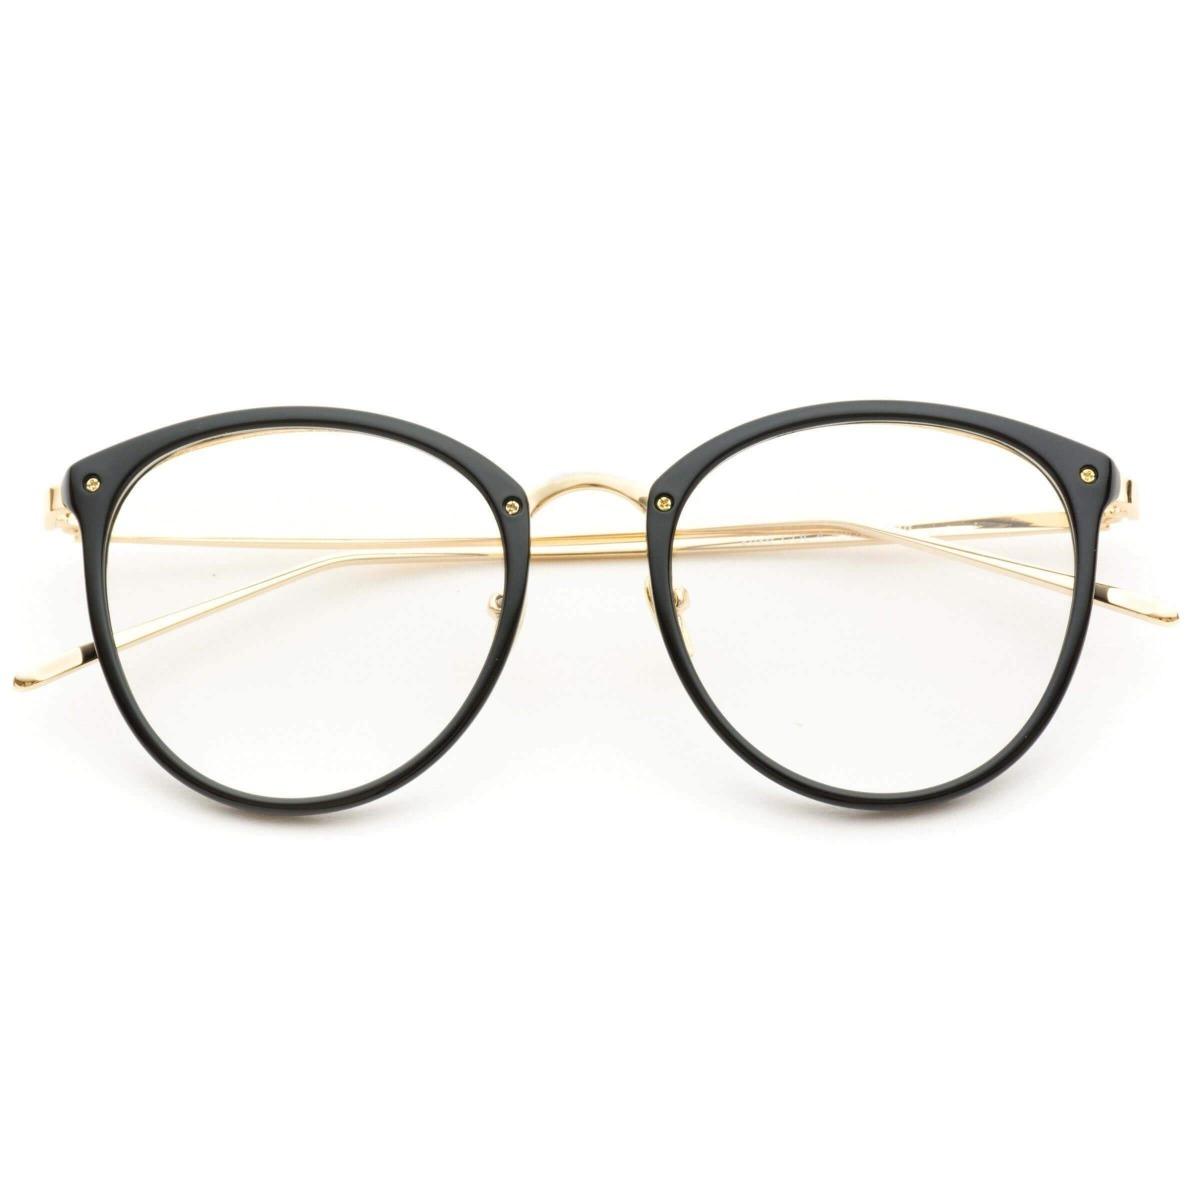 7287b26199102 armação oculos de grau prada luxo original feminino promoção. Carregando  zoom.